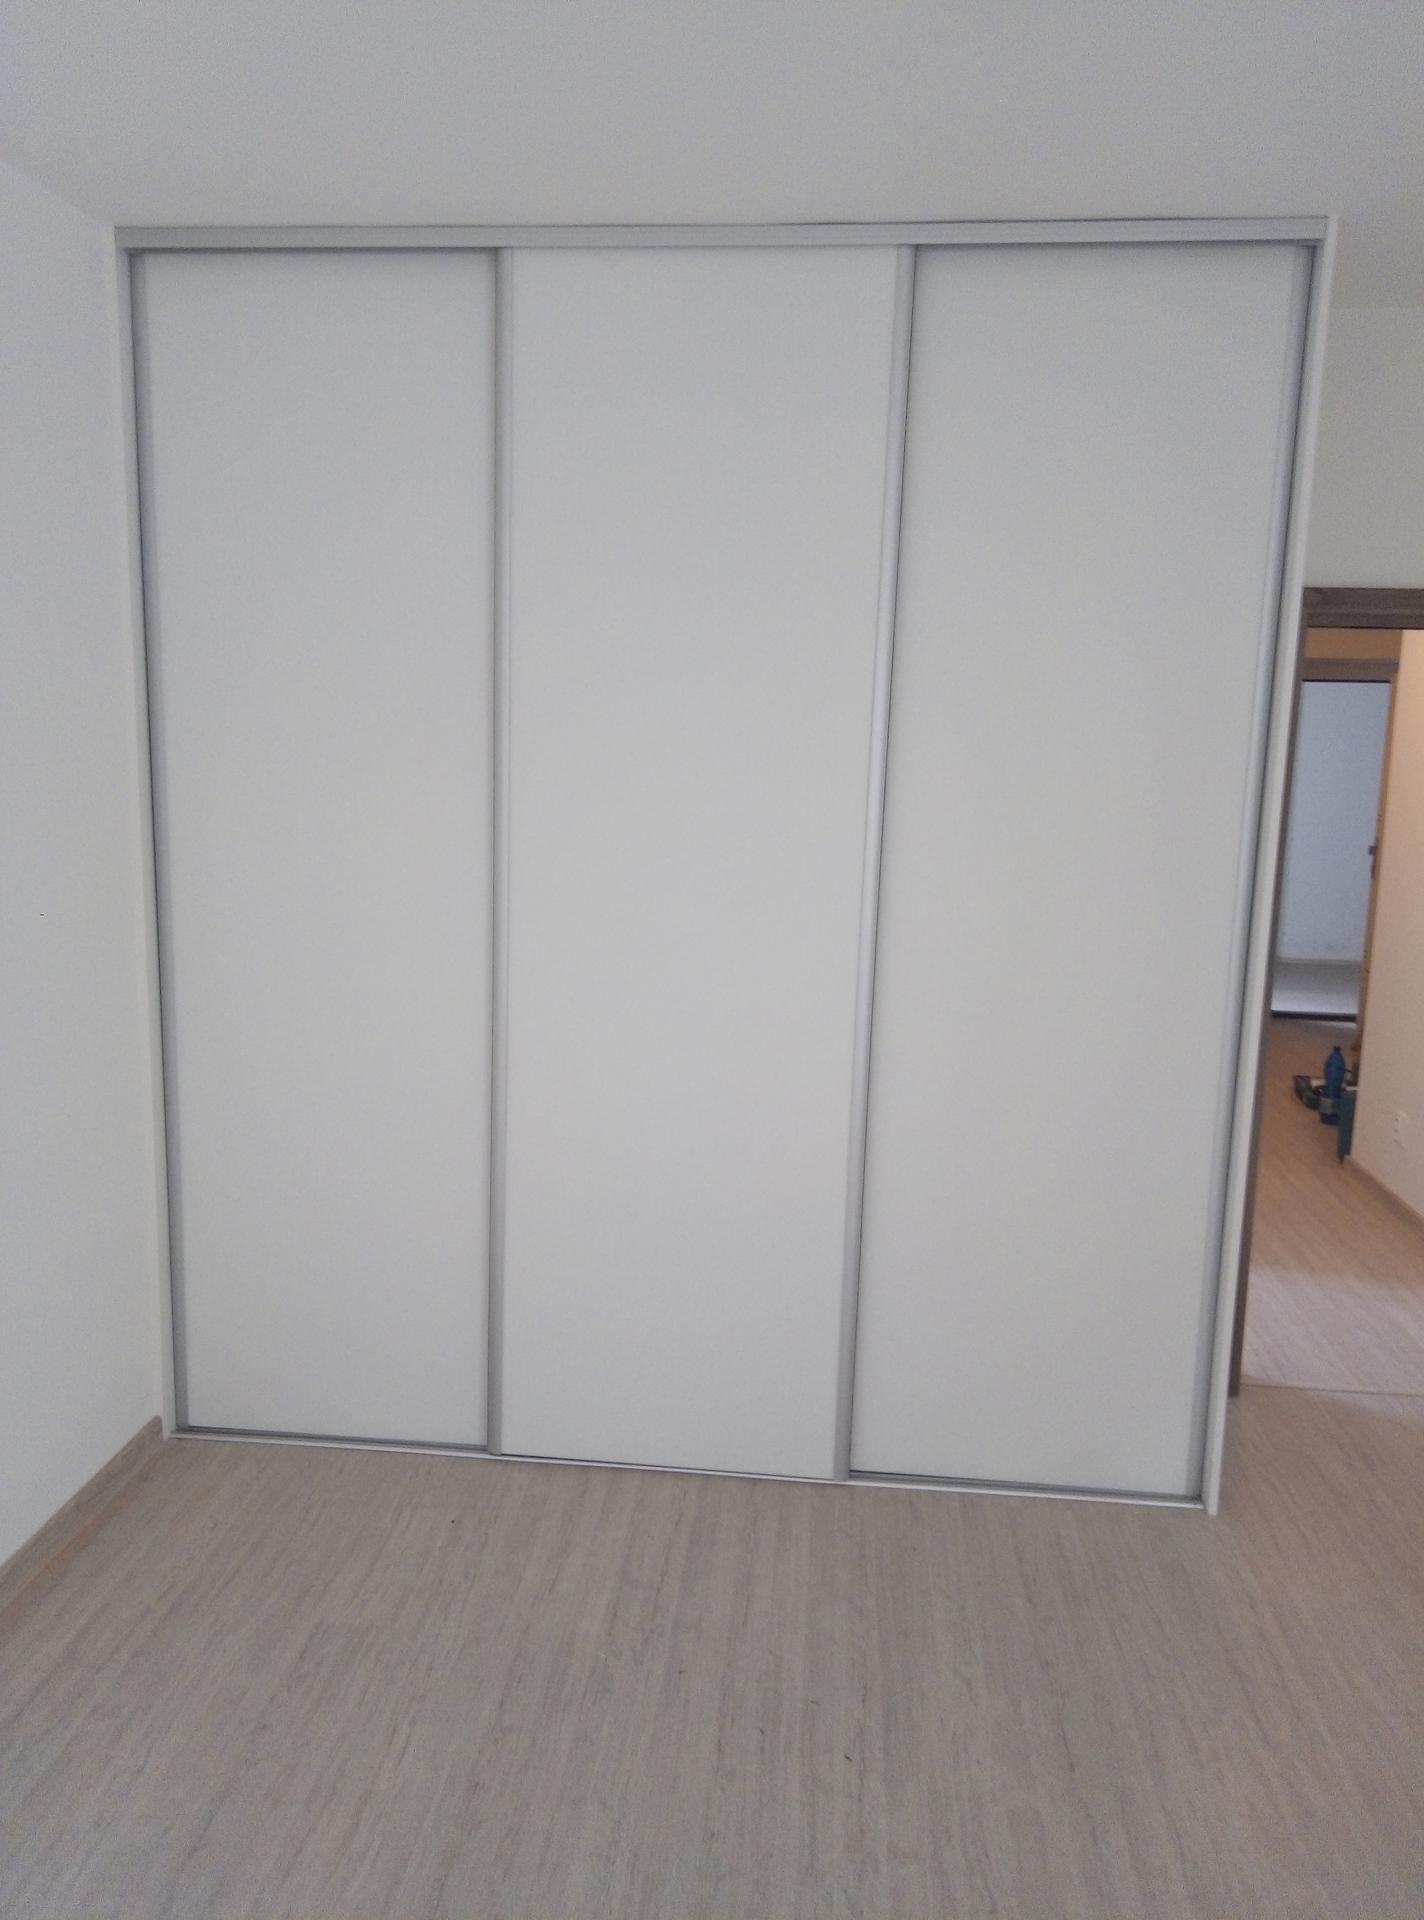 Vstavané skrine - Obrázok č. 3